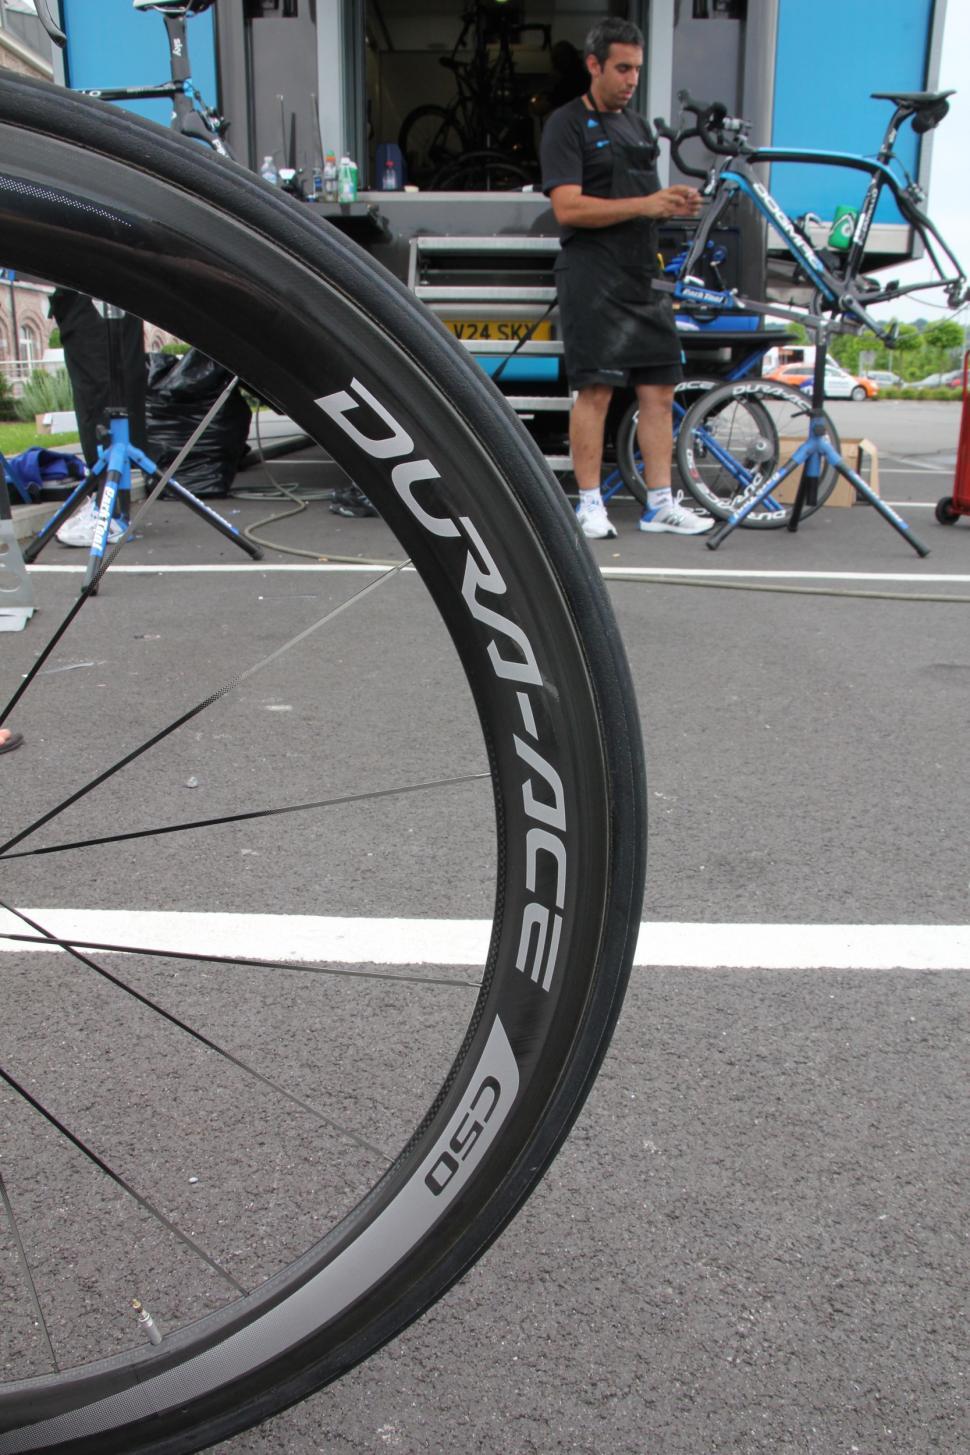 Mark Cavendish Pinarello Dogma 2  - Dura Ace wheel